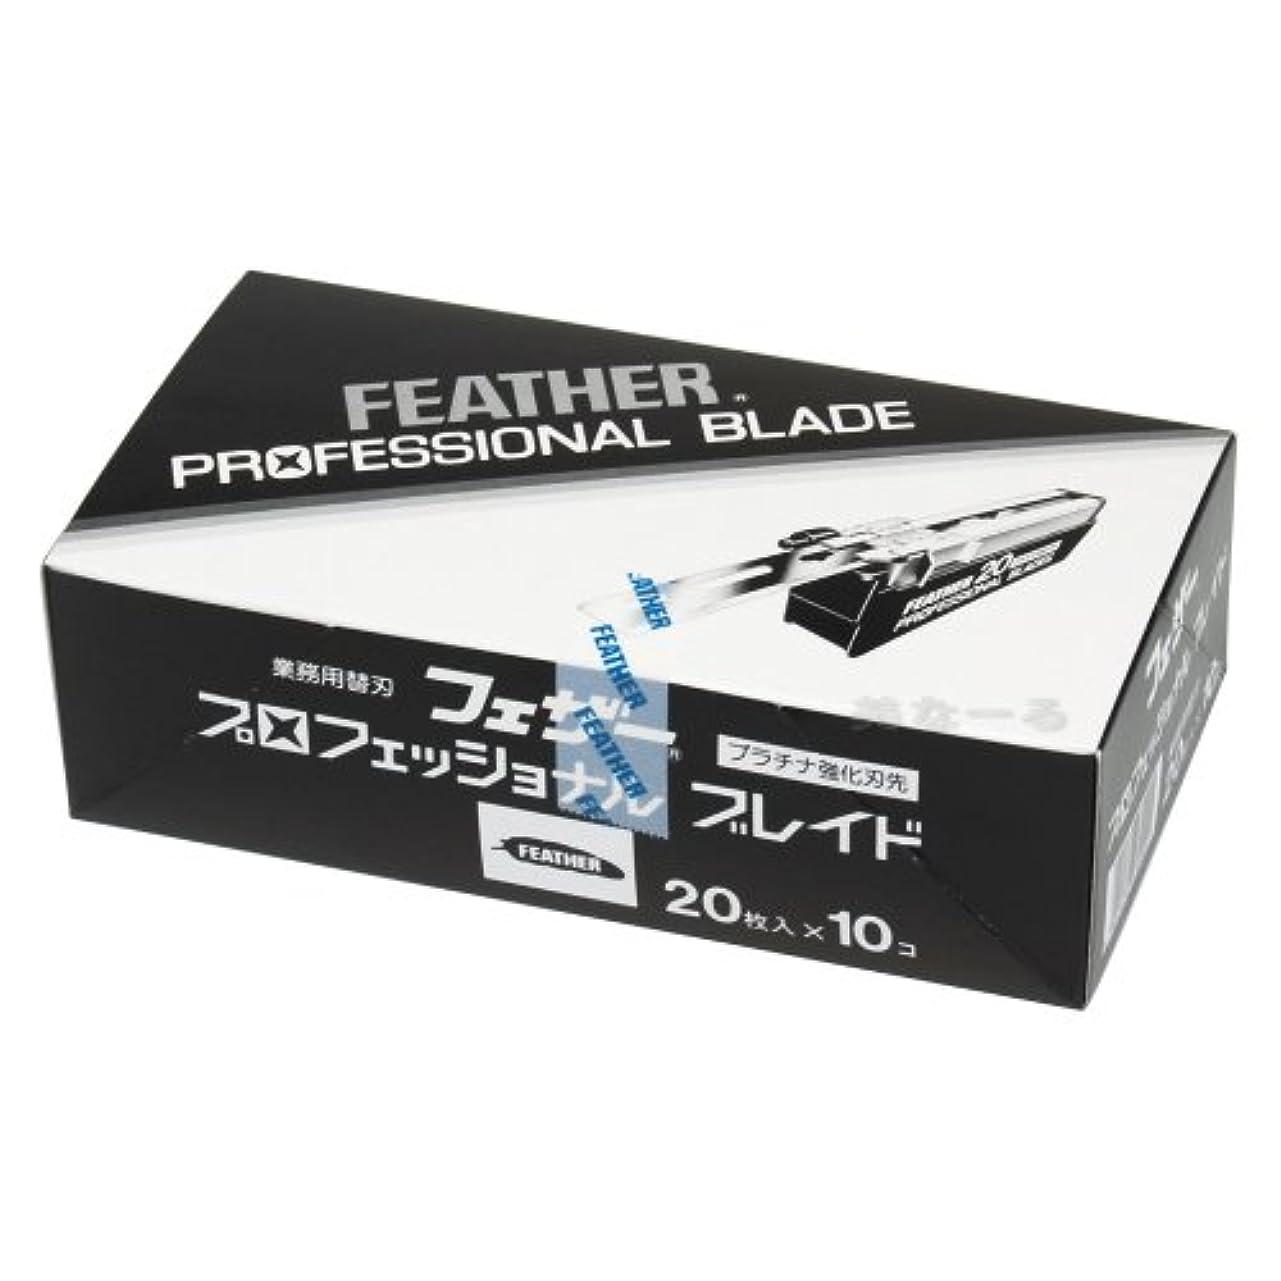 普通の誇りに思う沼地フェザー プロフェッショナル ブレイド PB-20 替刃 20枚入×10コ入